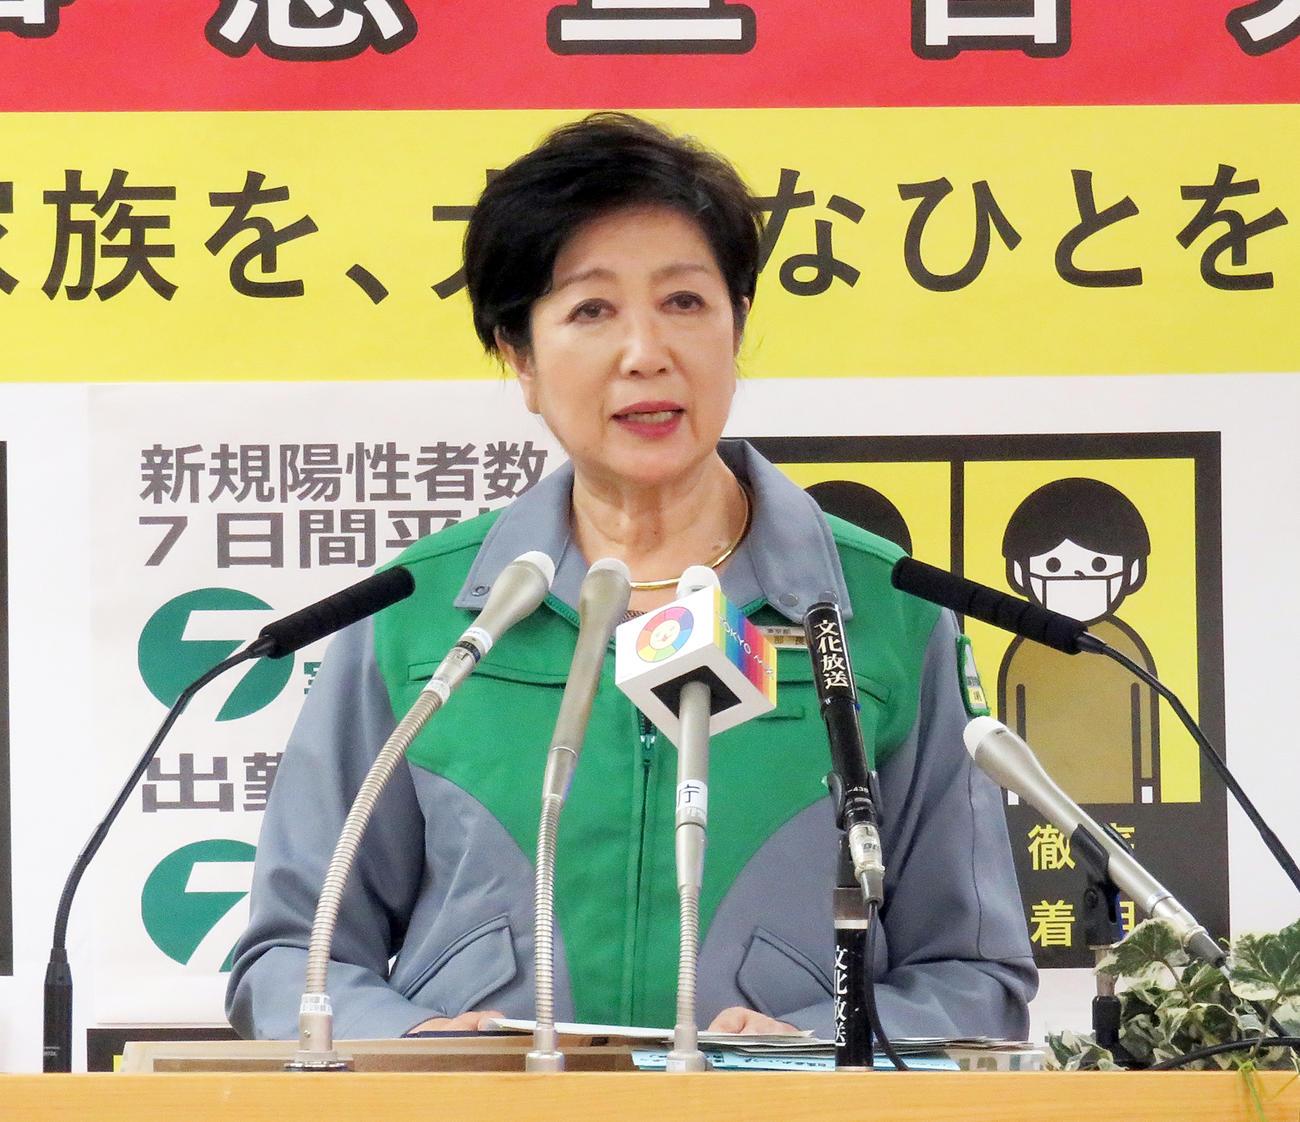 緊急事態宣言延長に関する会見を行う小池都知事(撮影・鎌田直秀)